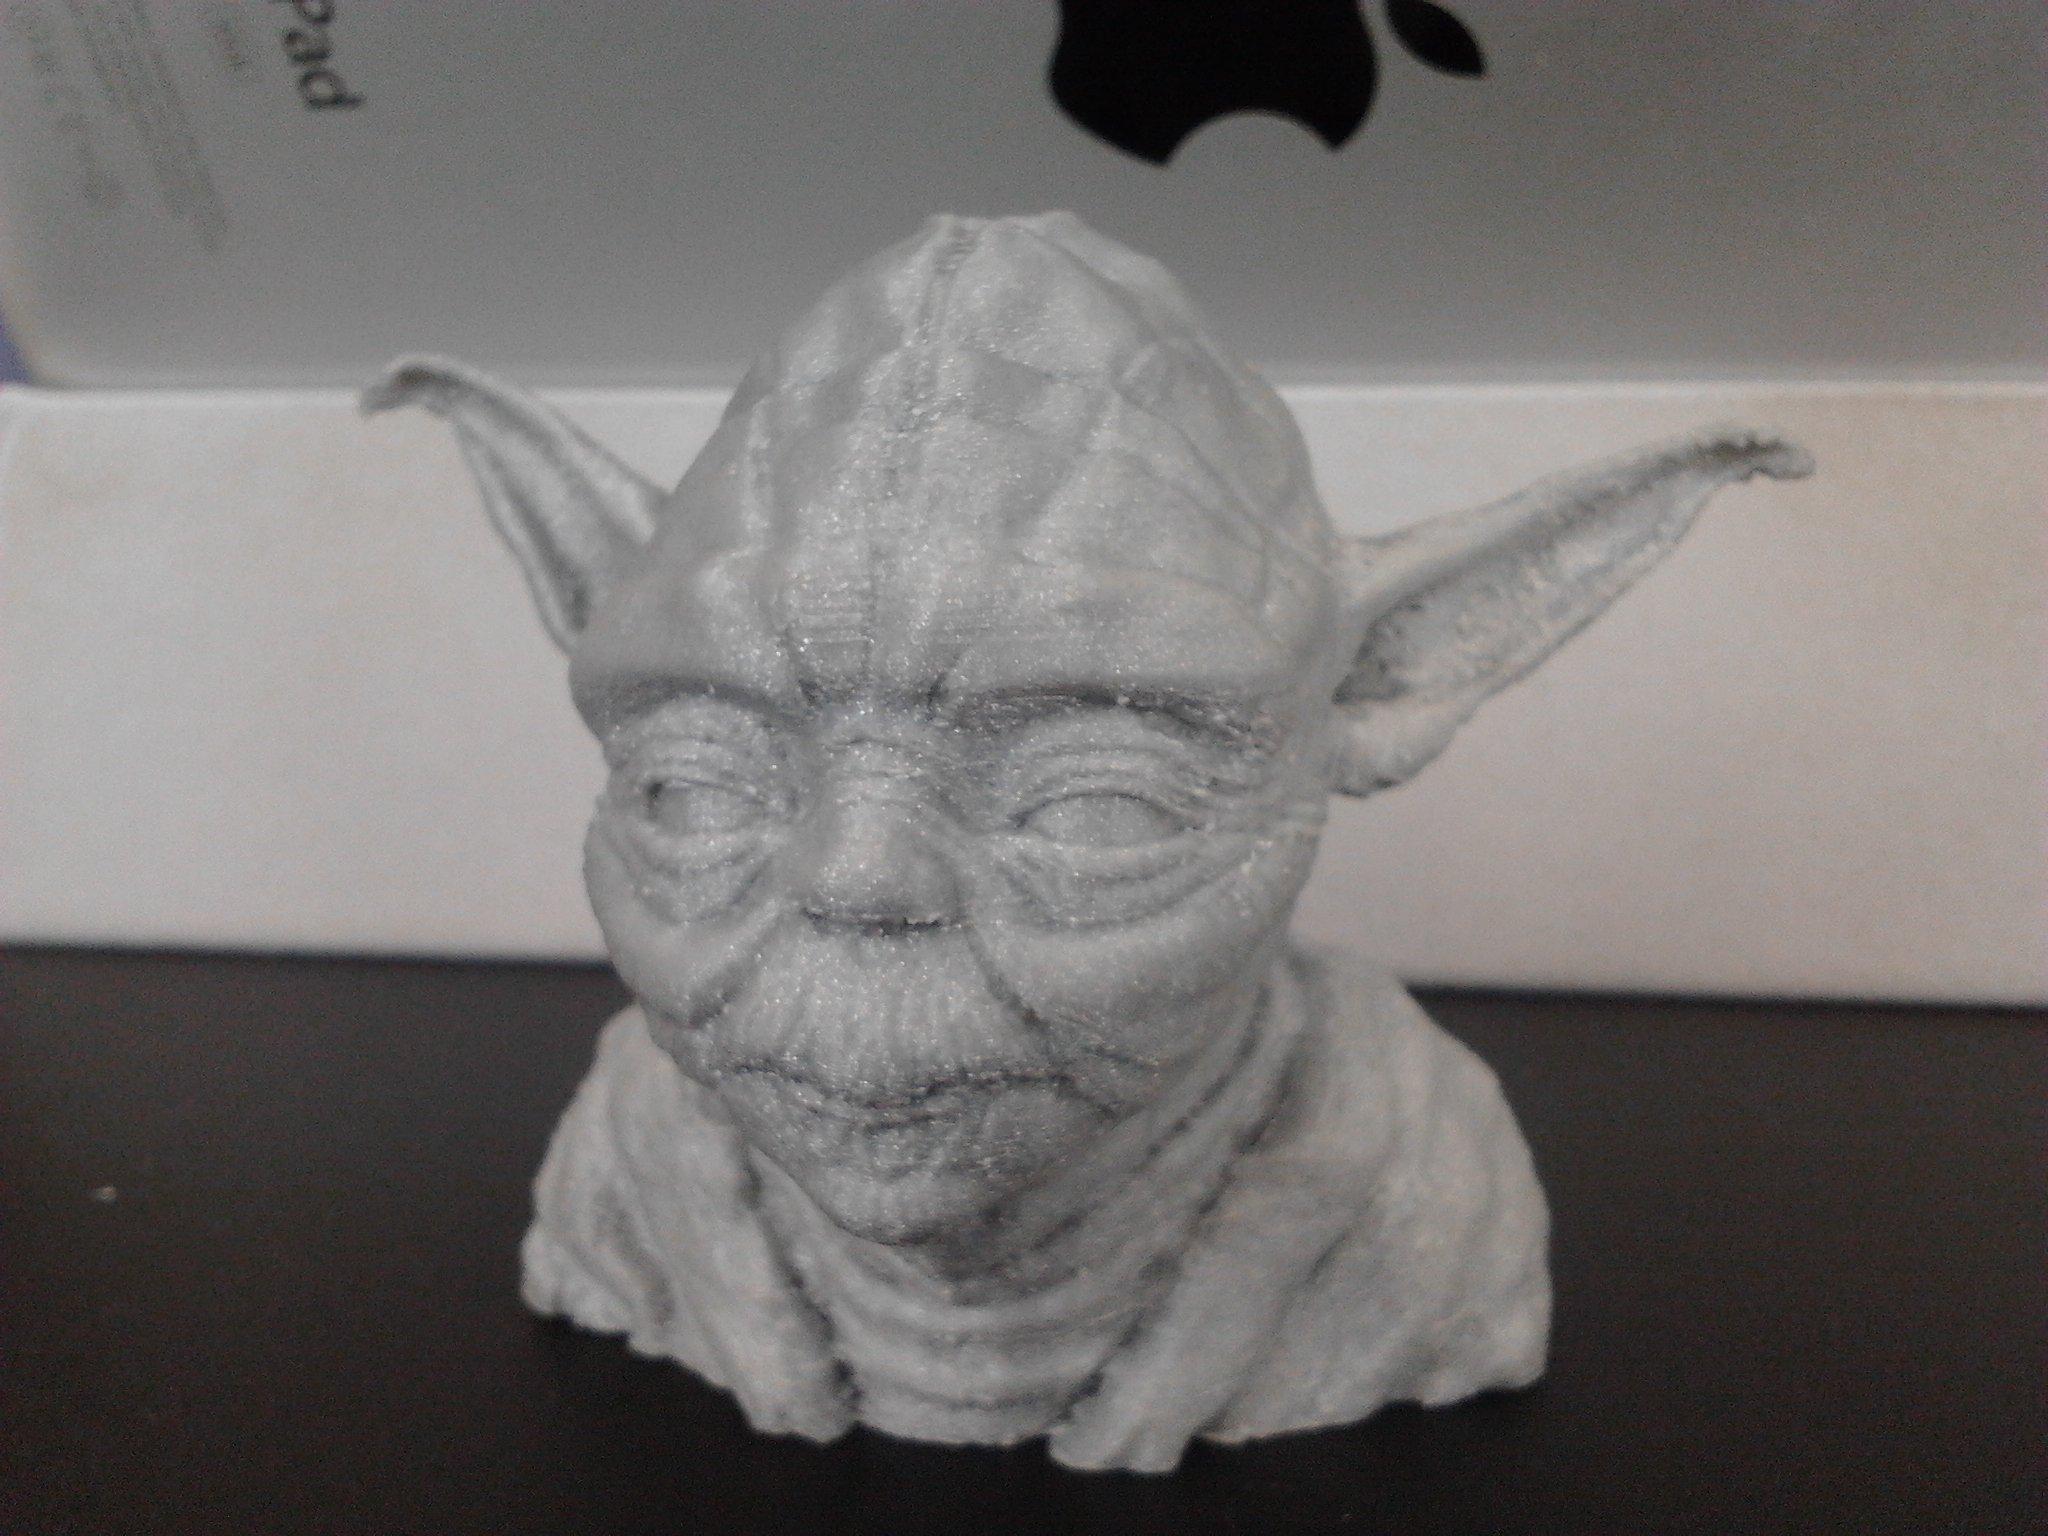 Мастер Йода нашел воплощение на 3д принтере=). - Изображение 2